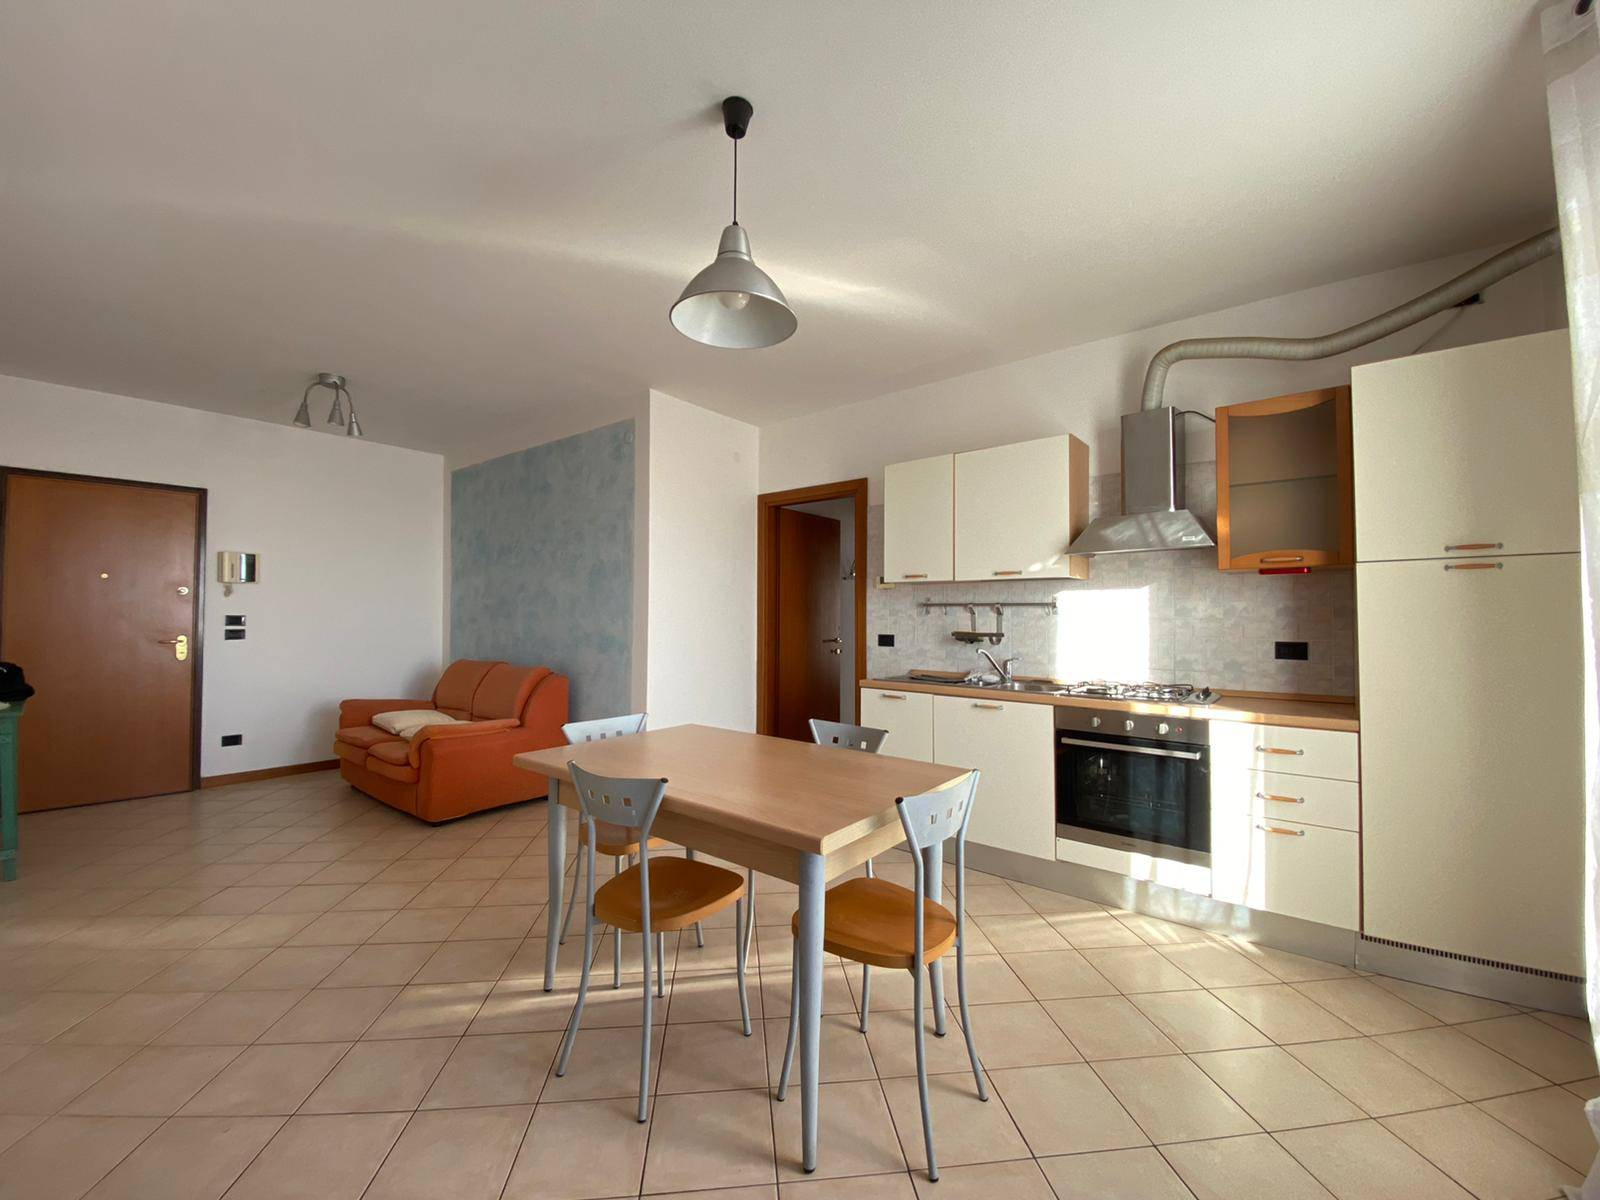 Appartamento in affitto a Martellago, 2 locali, prezzo € 530 | CambioCasa.it